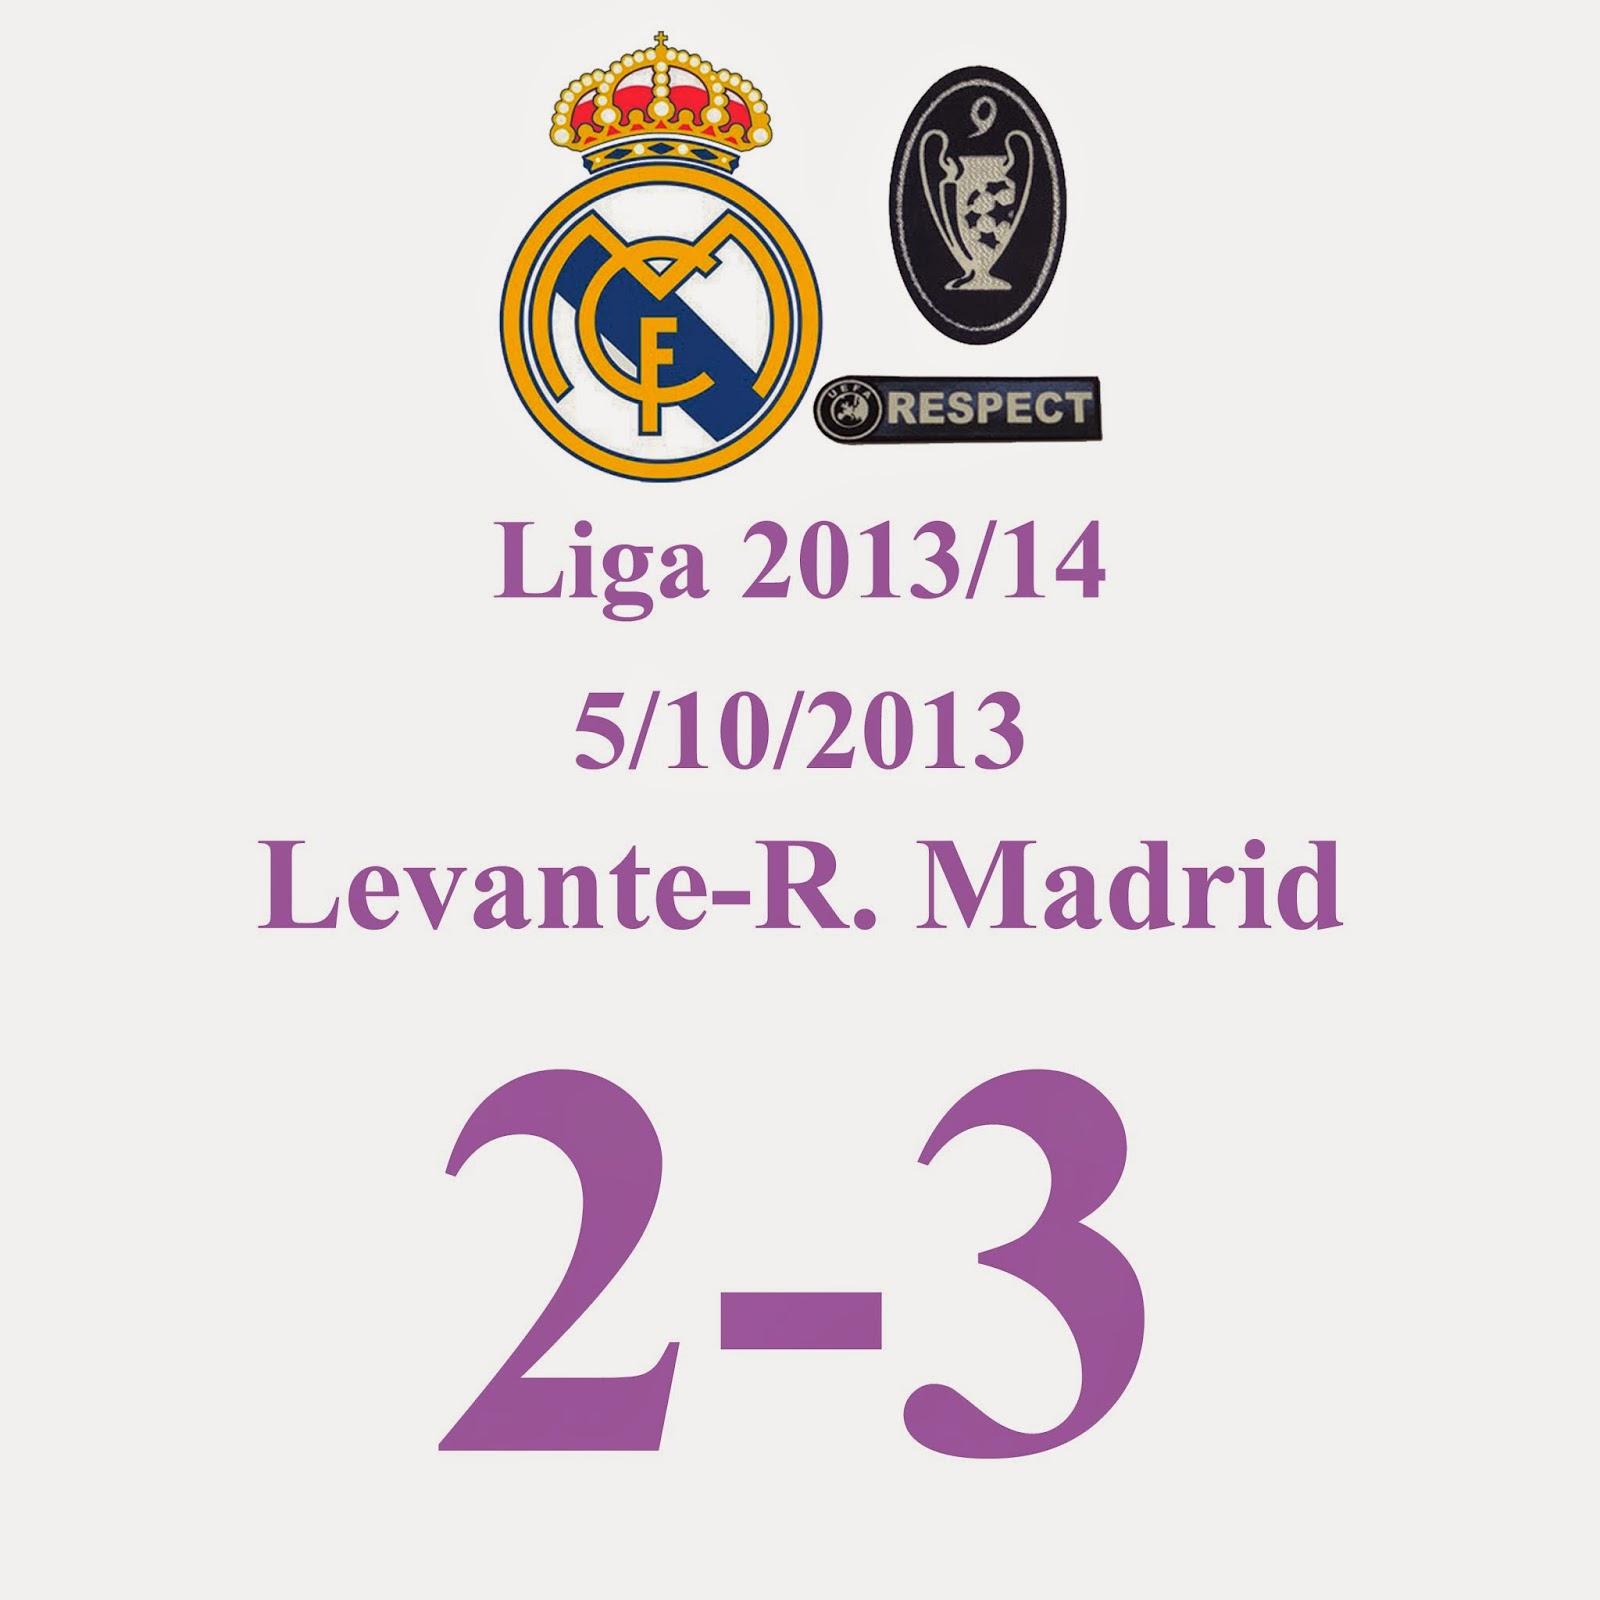 Levante 2 - Real Madrid 3 (Jornada 8) 5/10/2013 - GOOOOLLLLLLLL DE CRISTIANO RONALDO